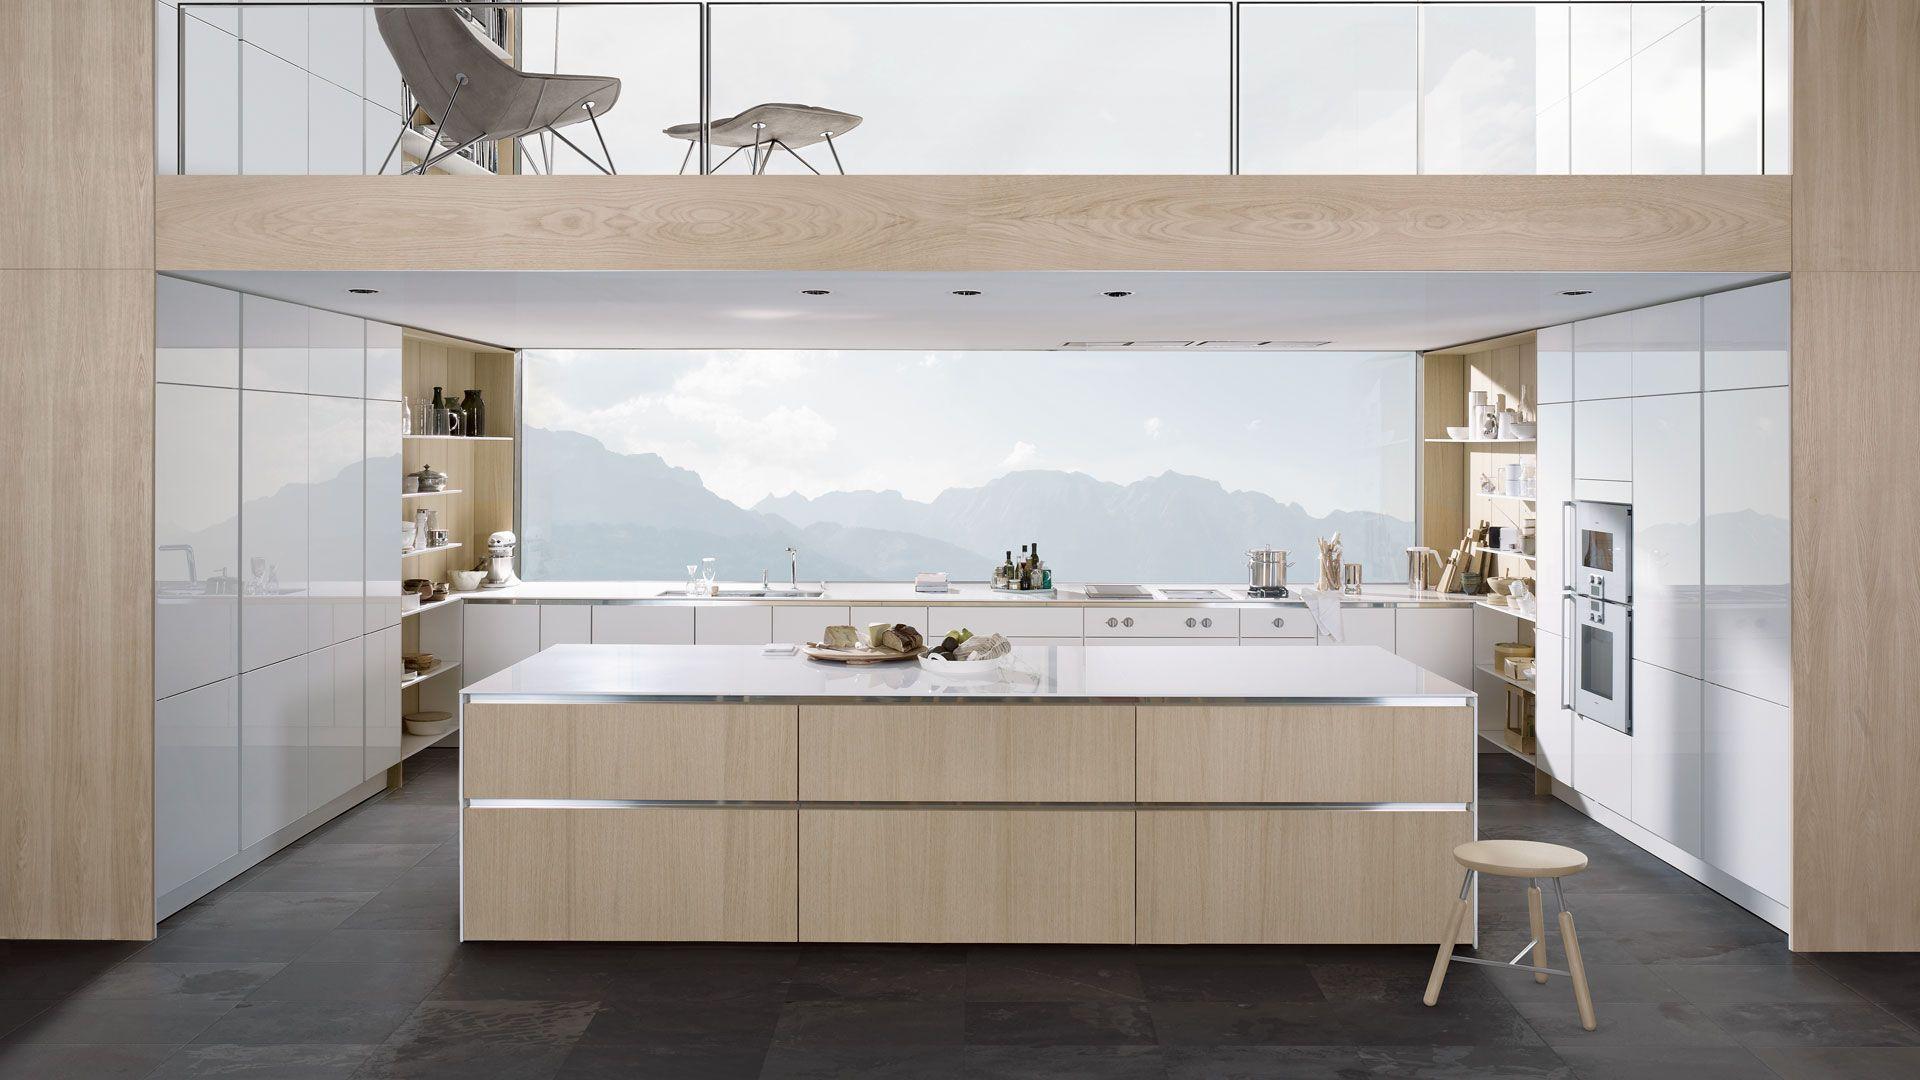 Countertops German Kitchen Design Modern Kitchen Design Kitchen Design Styles